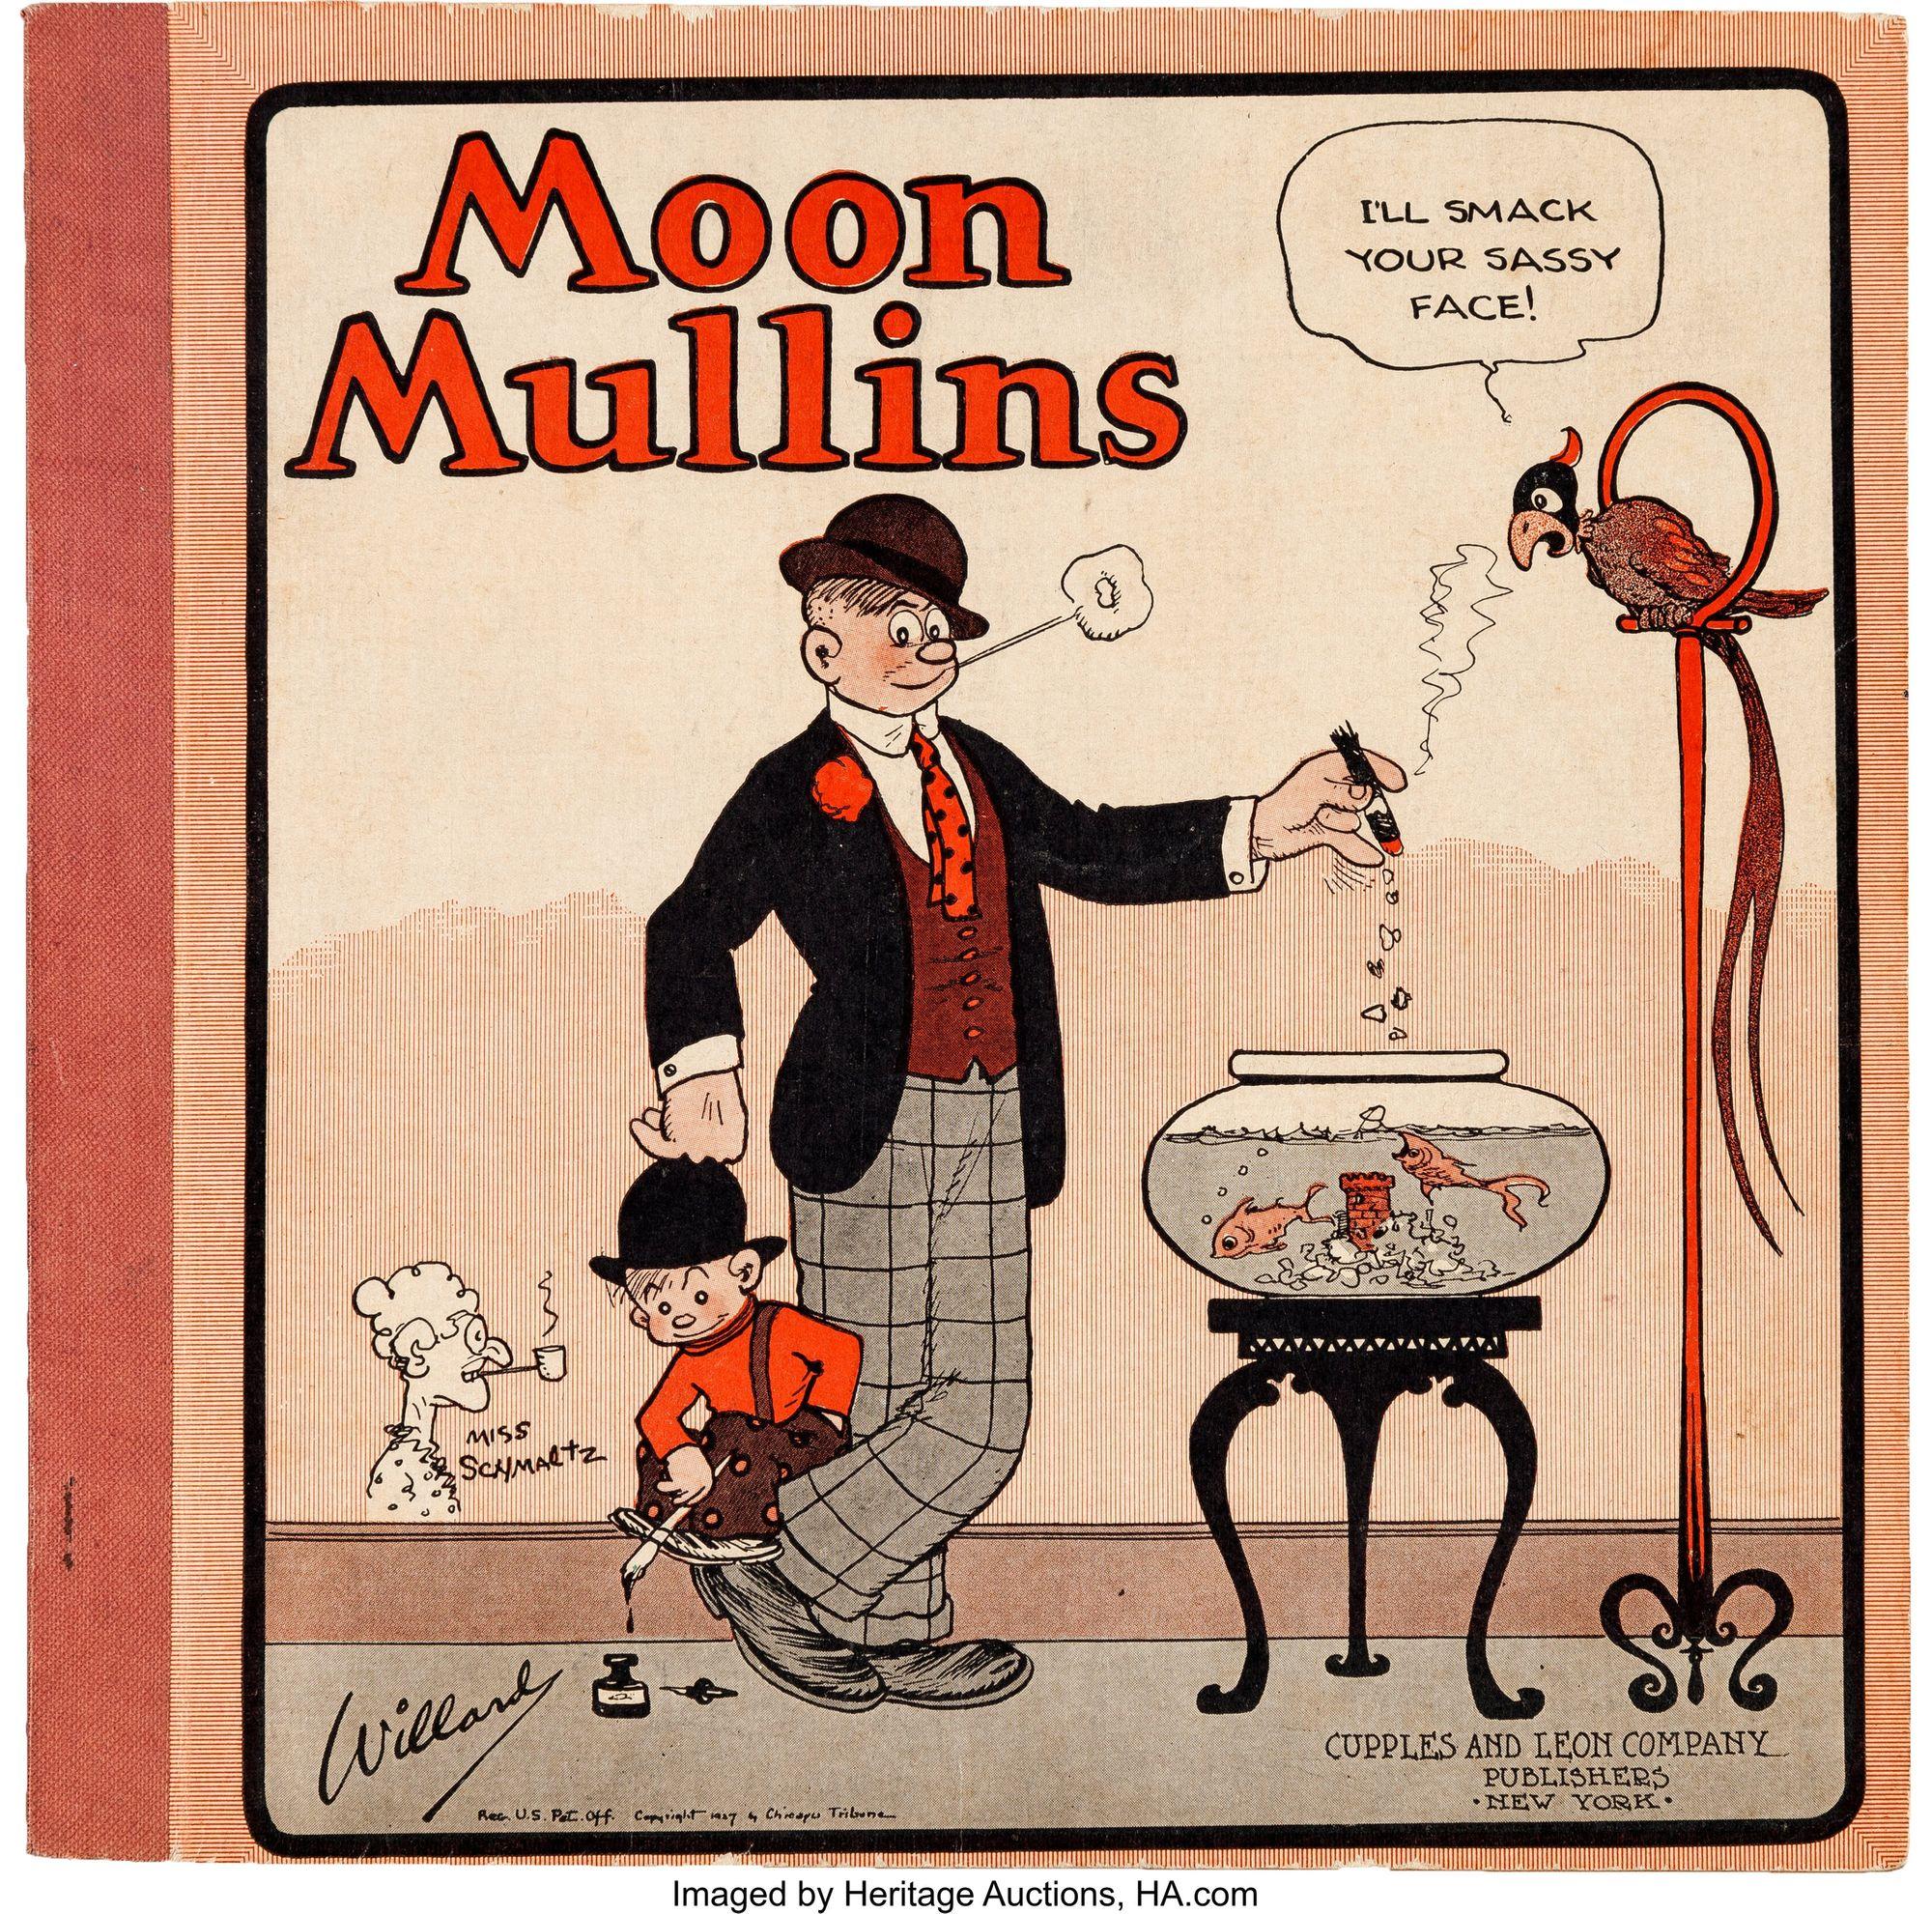 Moon Mullins board game packaging